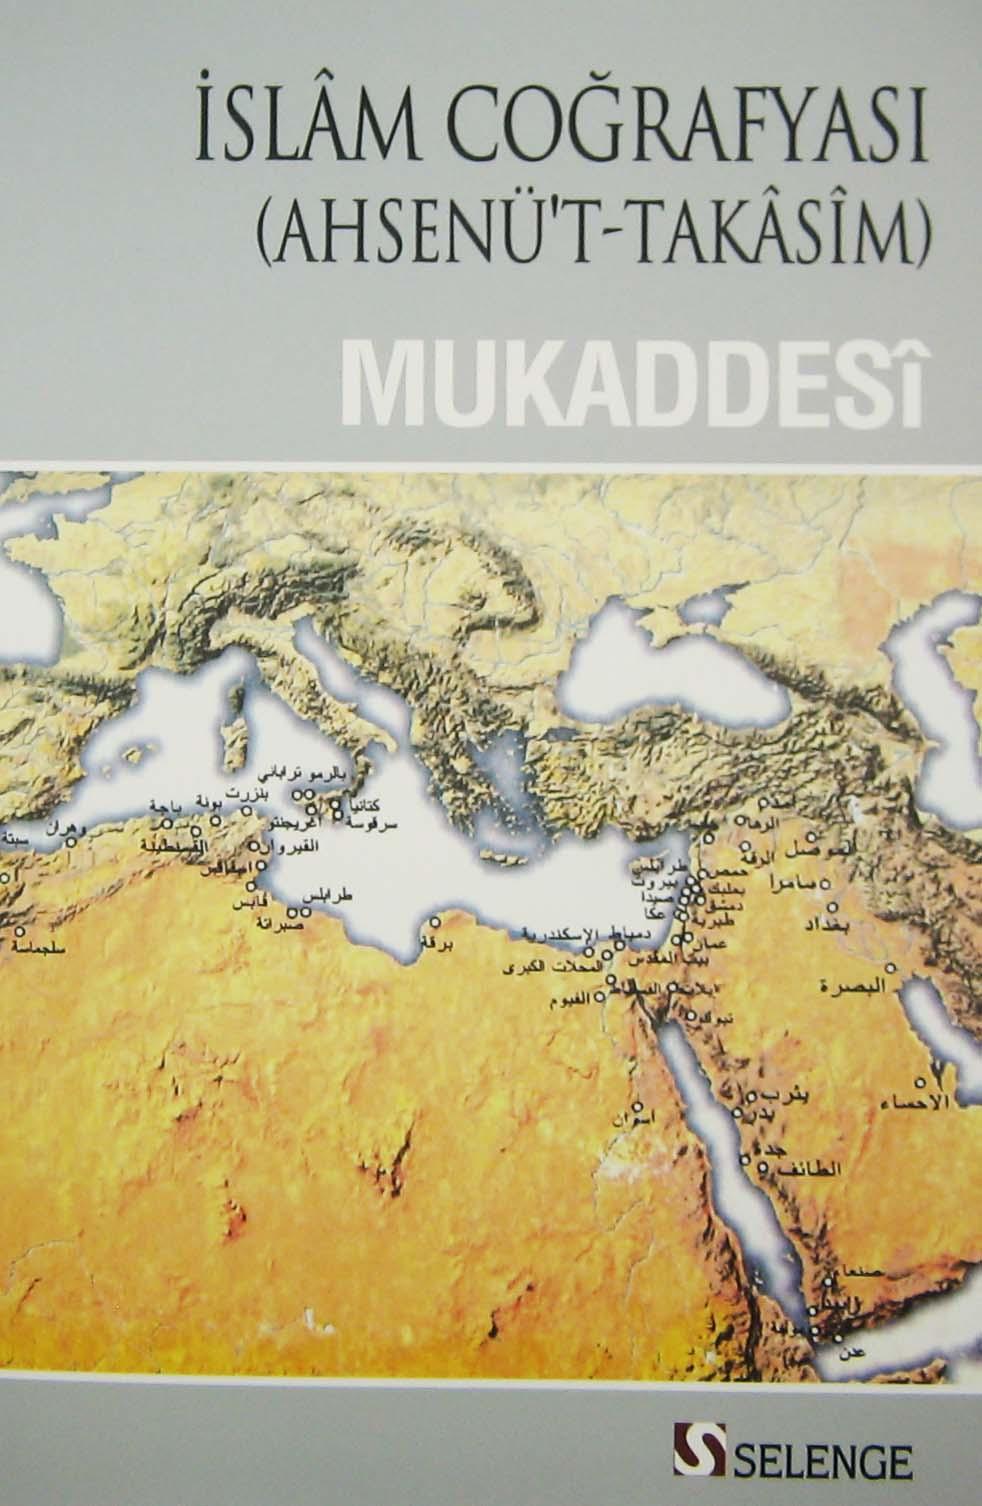 İslam Coğrafyası (Ahsenü't-Takasim) & Mukaddesi